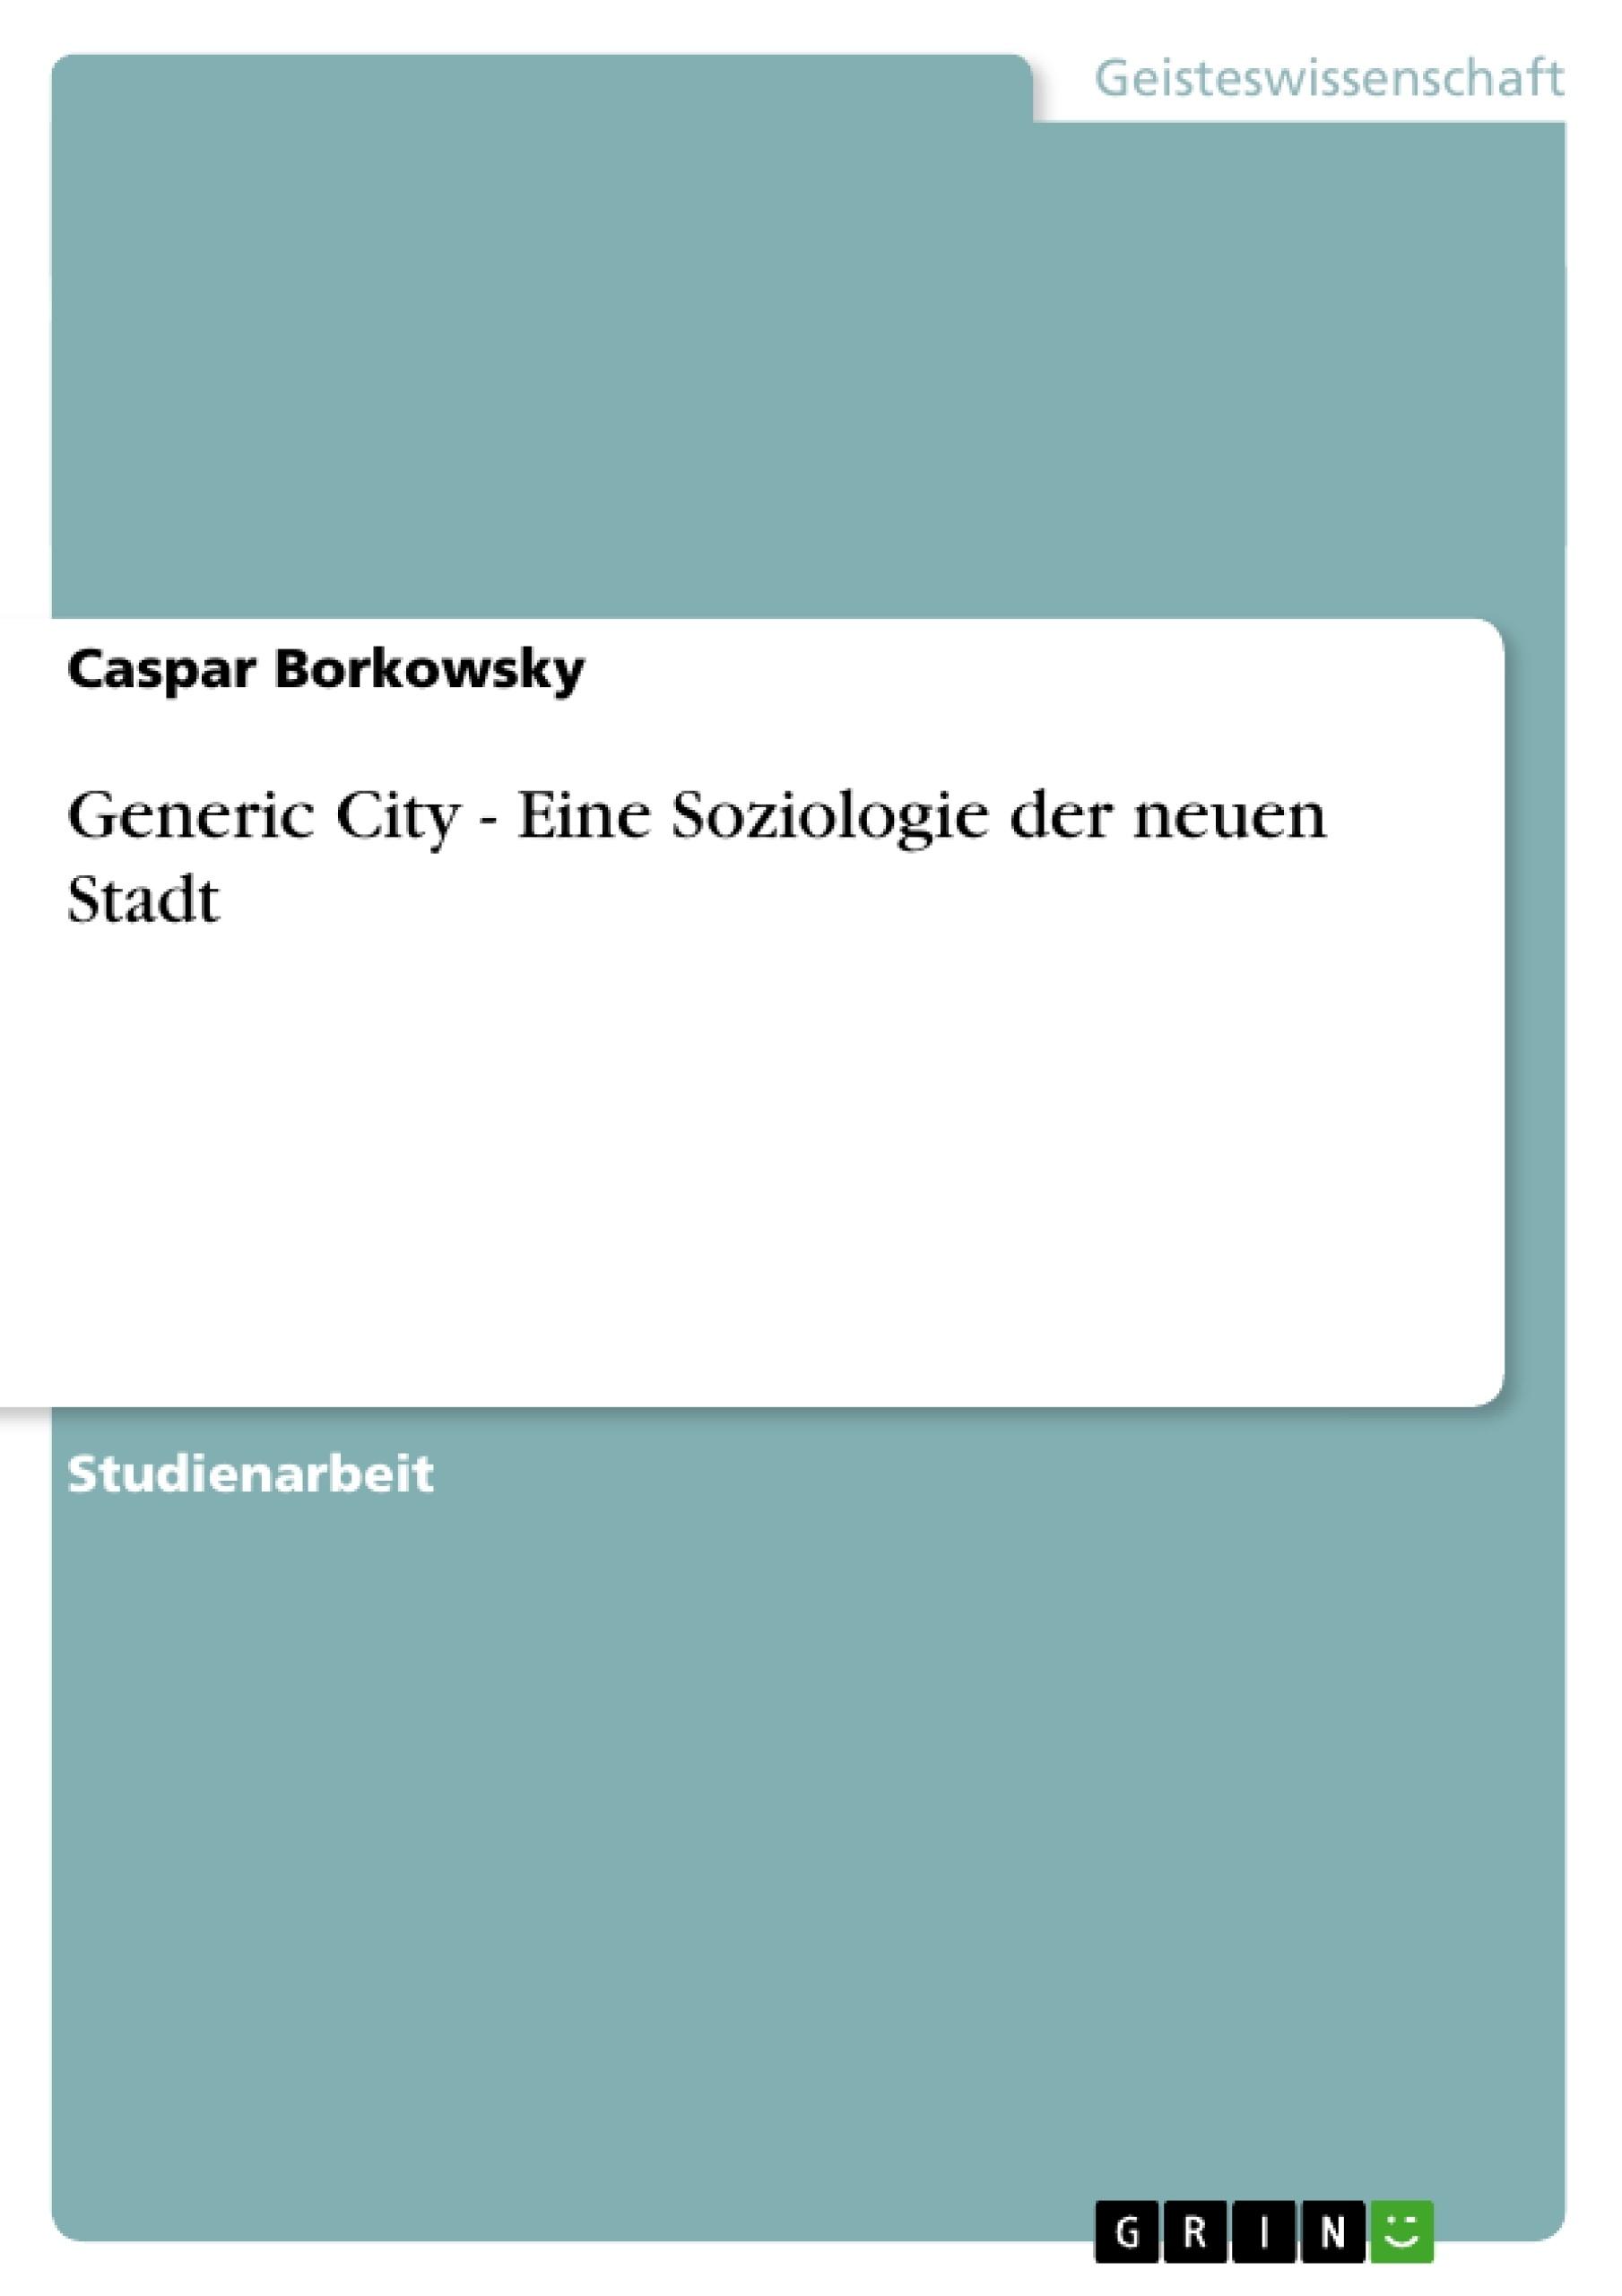 Titel: Generic City - Eine Soziologie der neuen Stadt